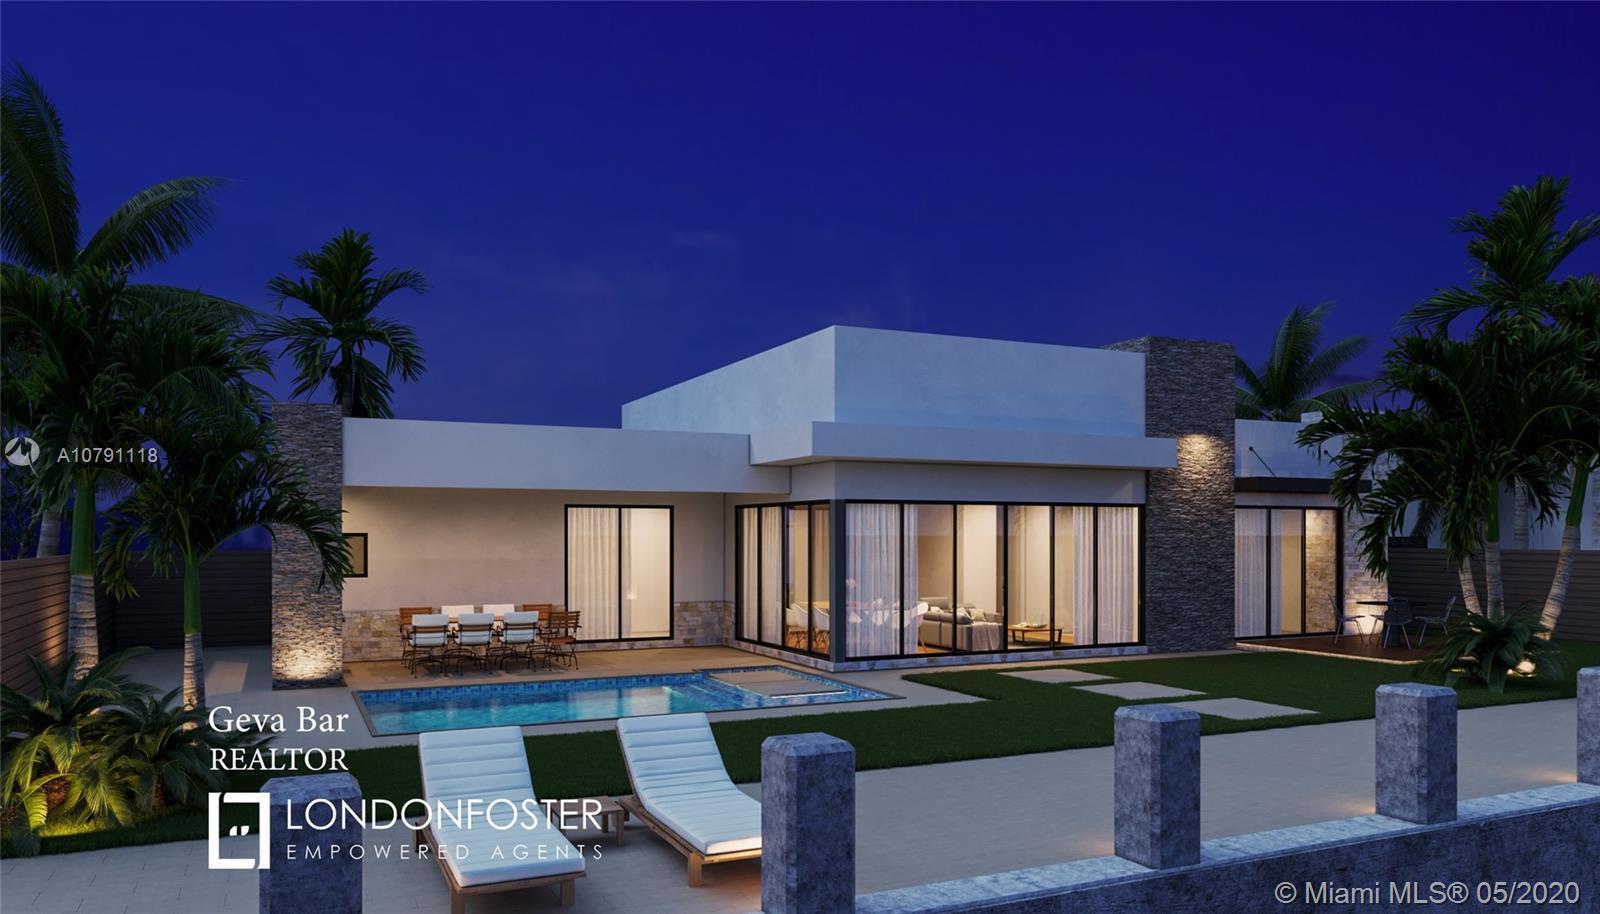 2831 NE 29th St, Fort Lauderdale, FL 33306 - Fort Lauderdale, FL real estate listing